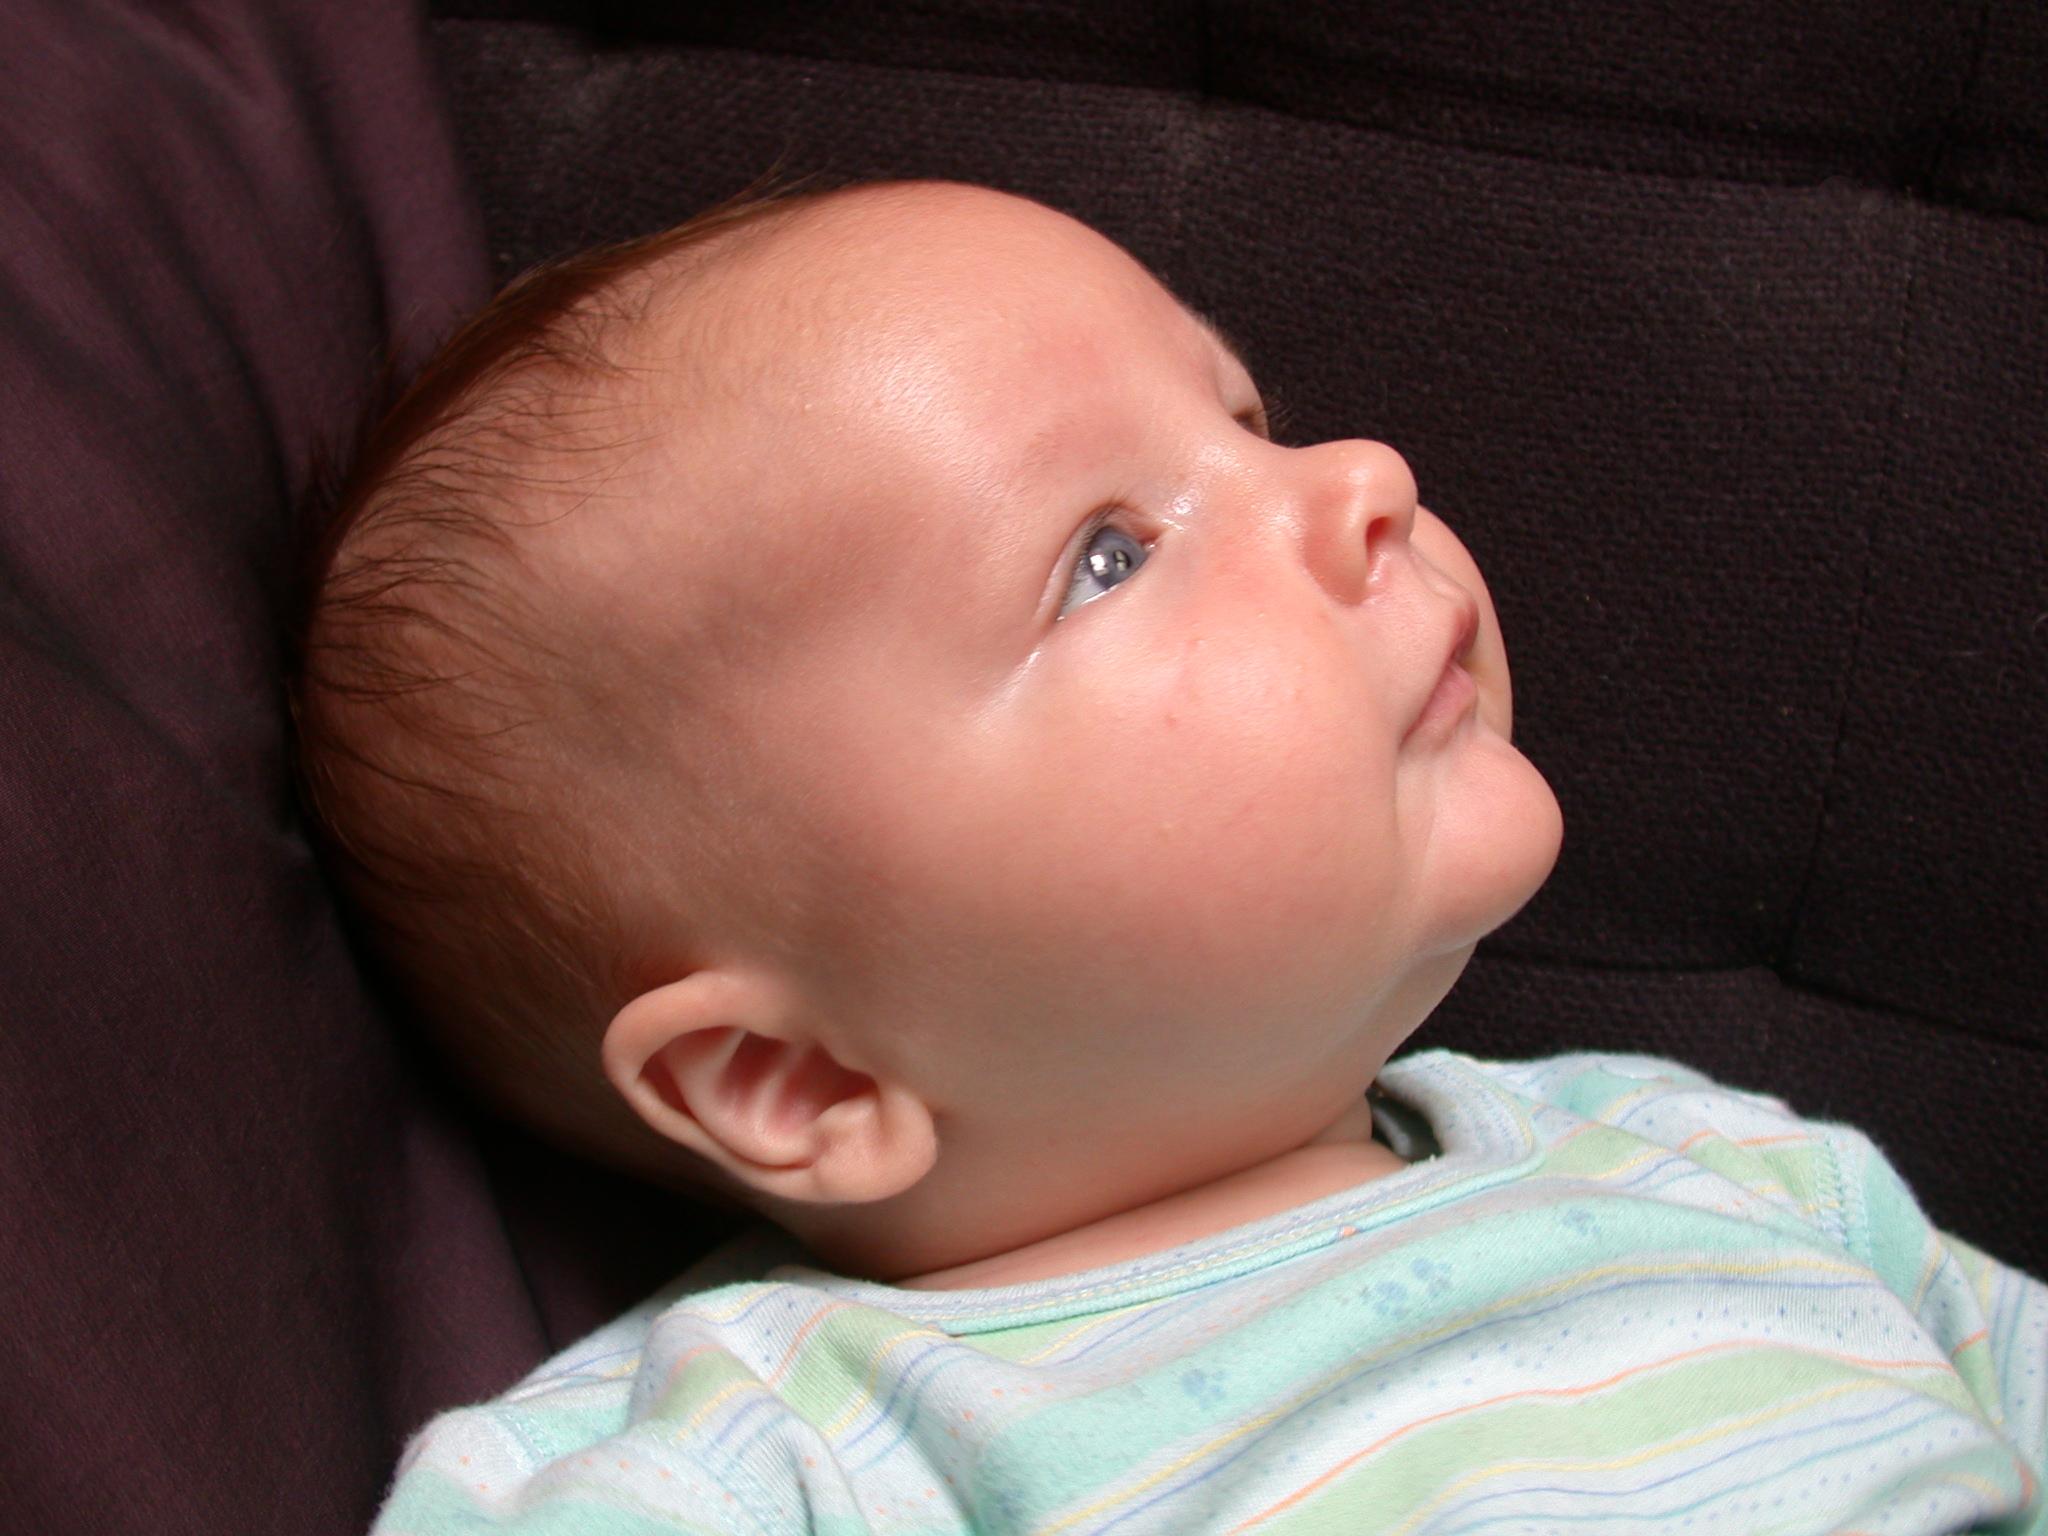 ワセリンは赤ちゃんの保湿に最適。でも副作用が気になる!?